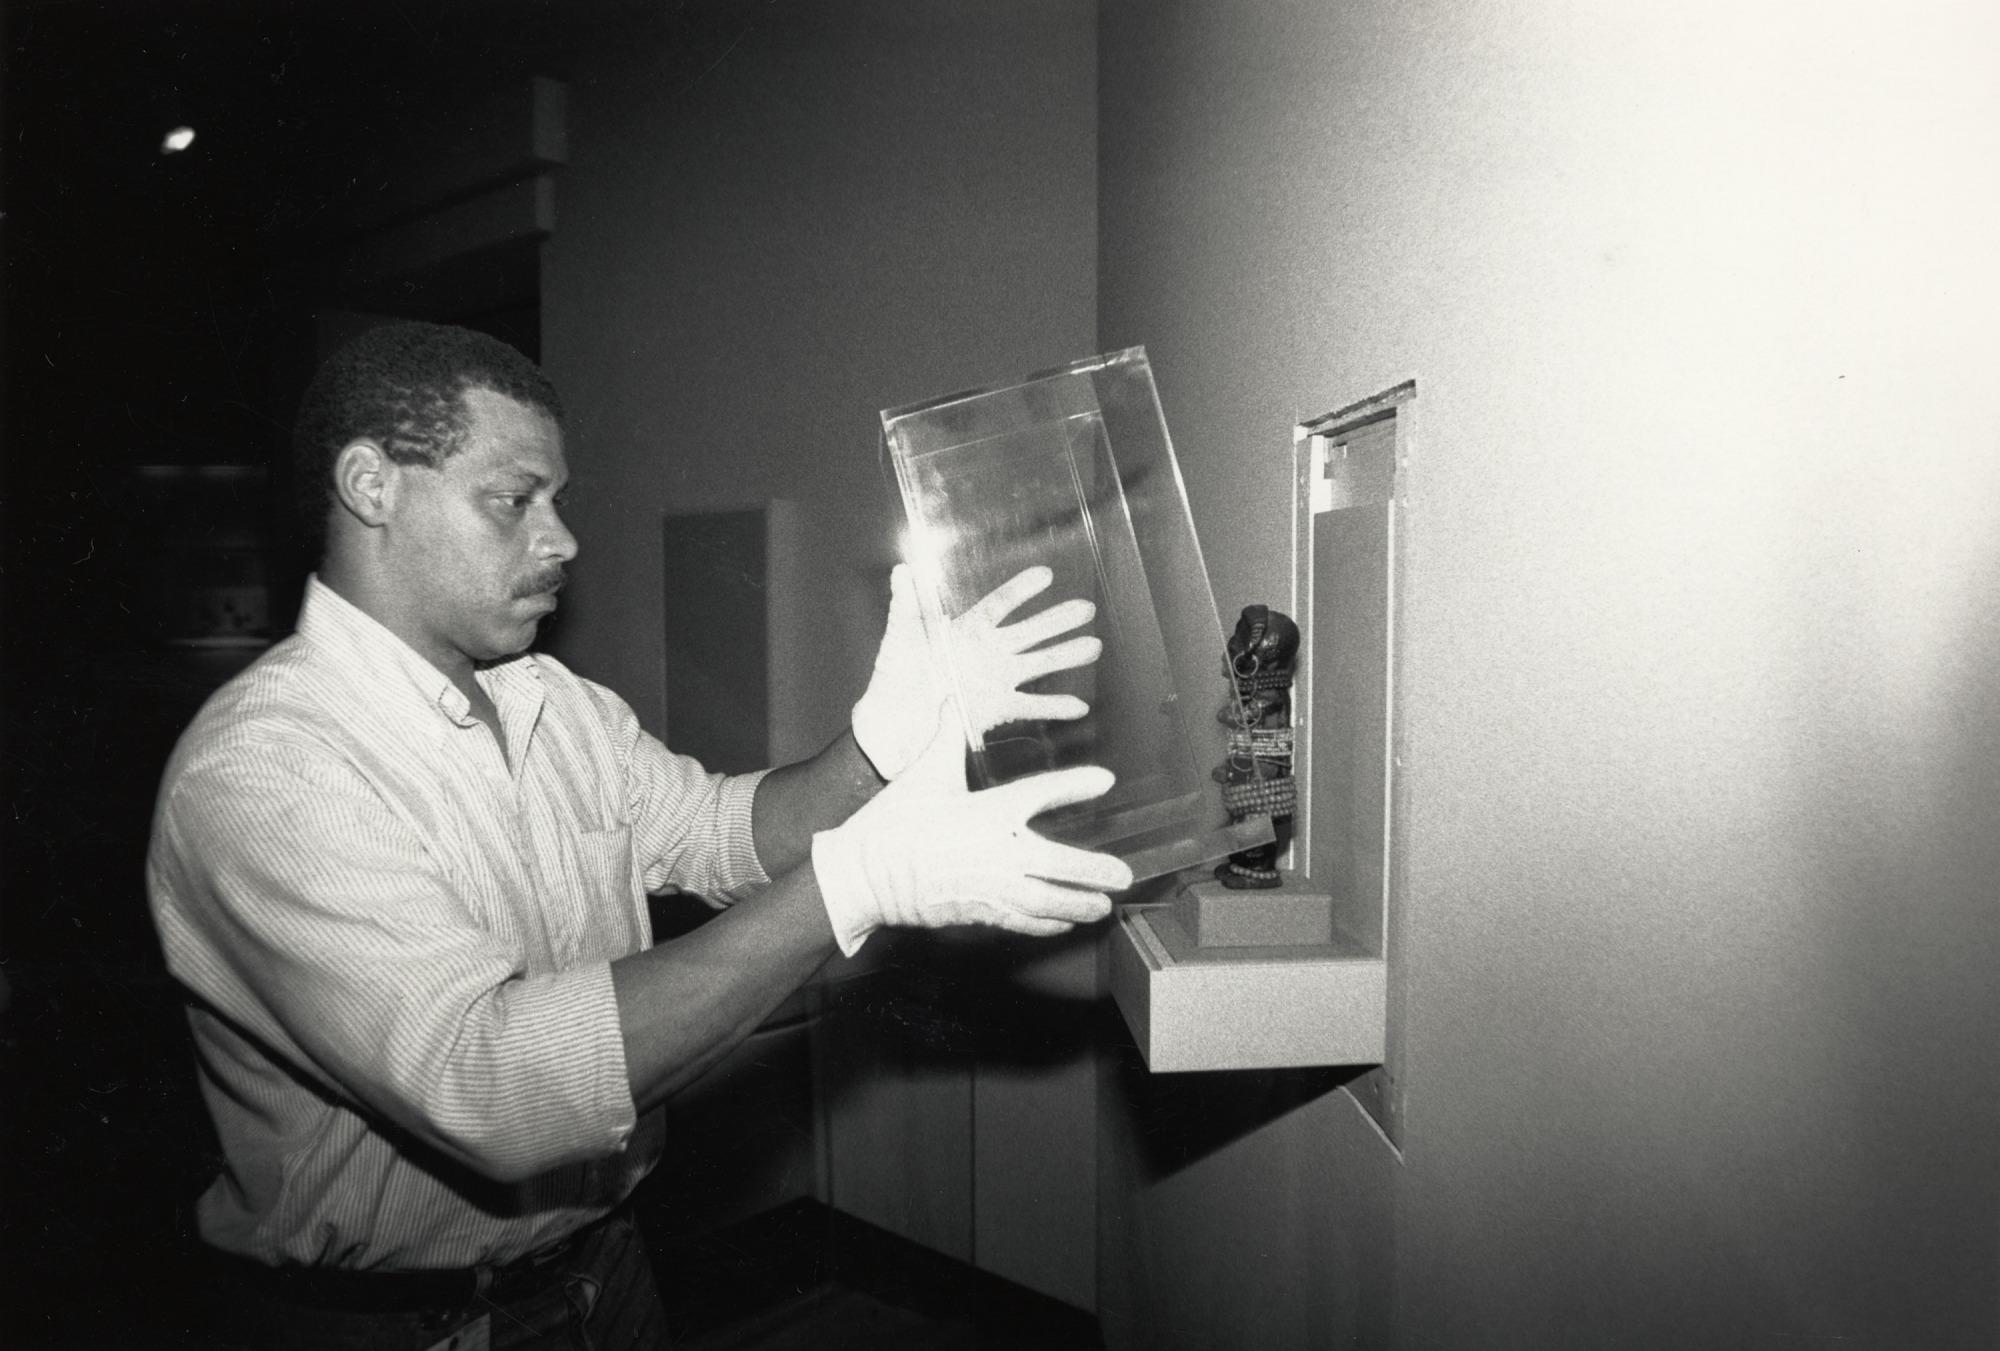 Steve Smith installs an artifact